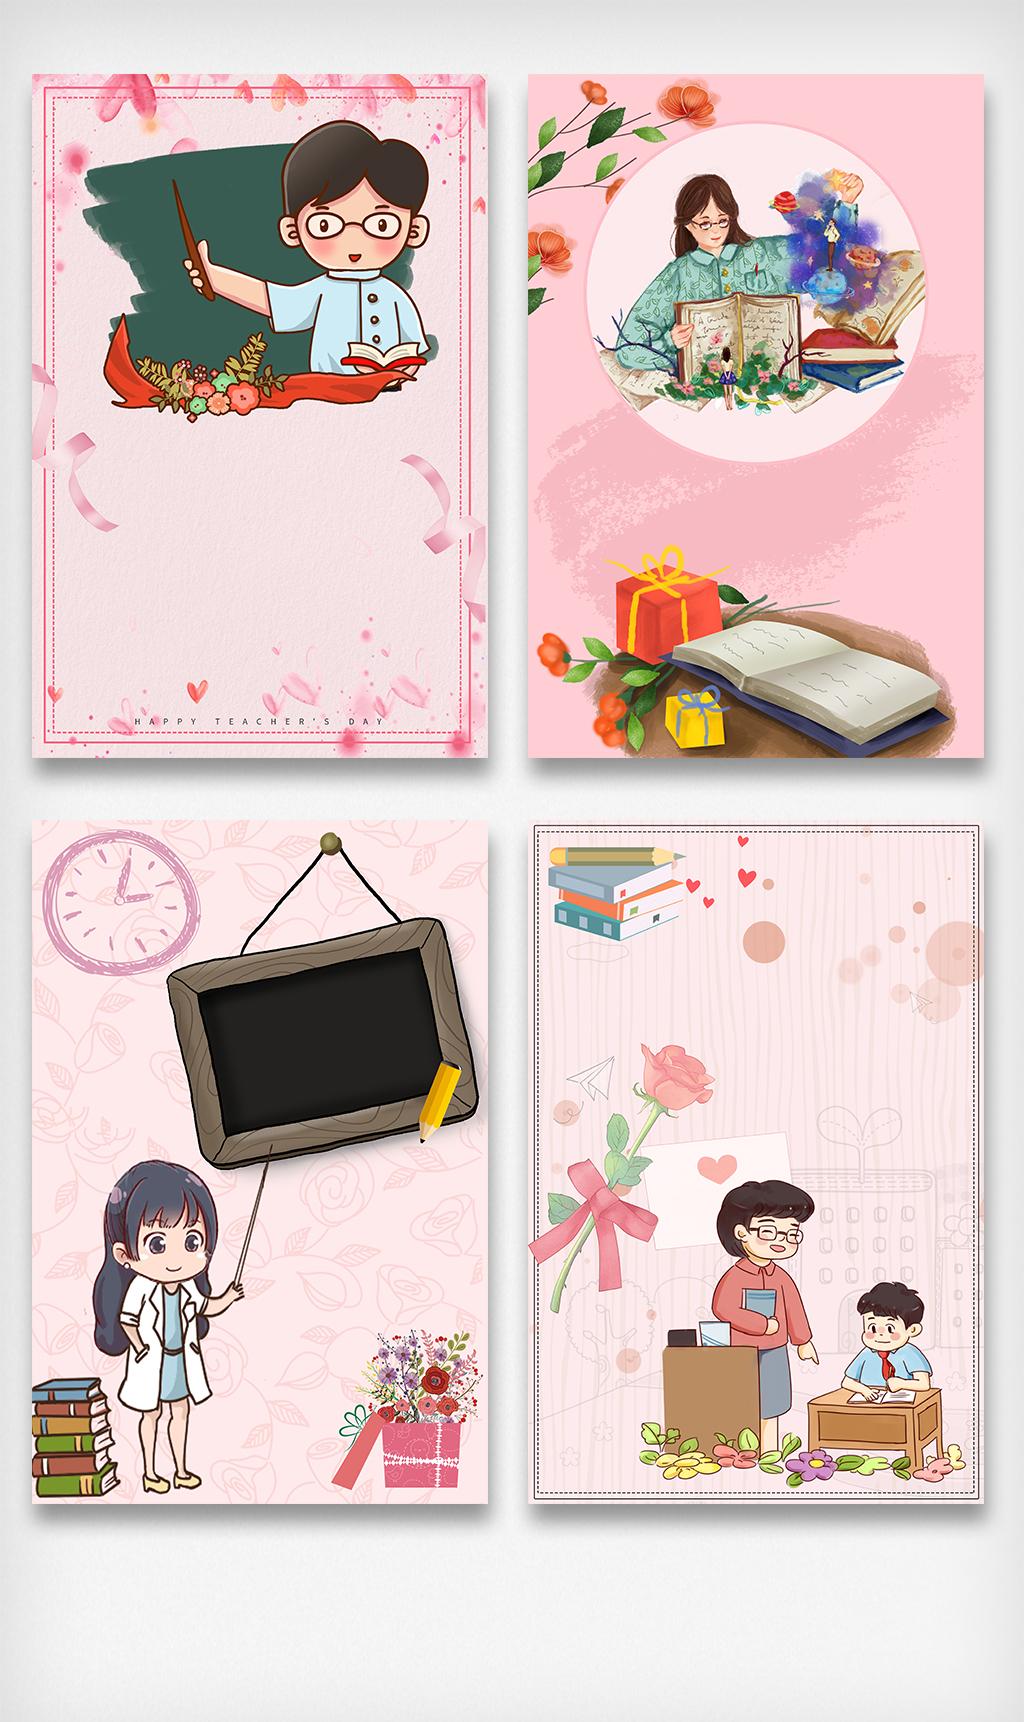 小清新创意教师节手绘卡通海报背景